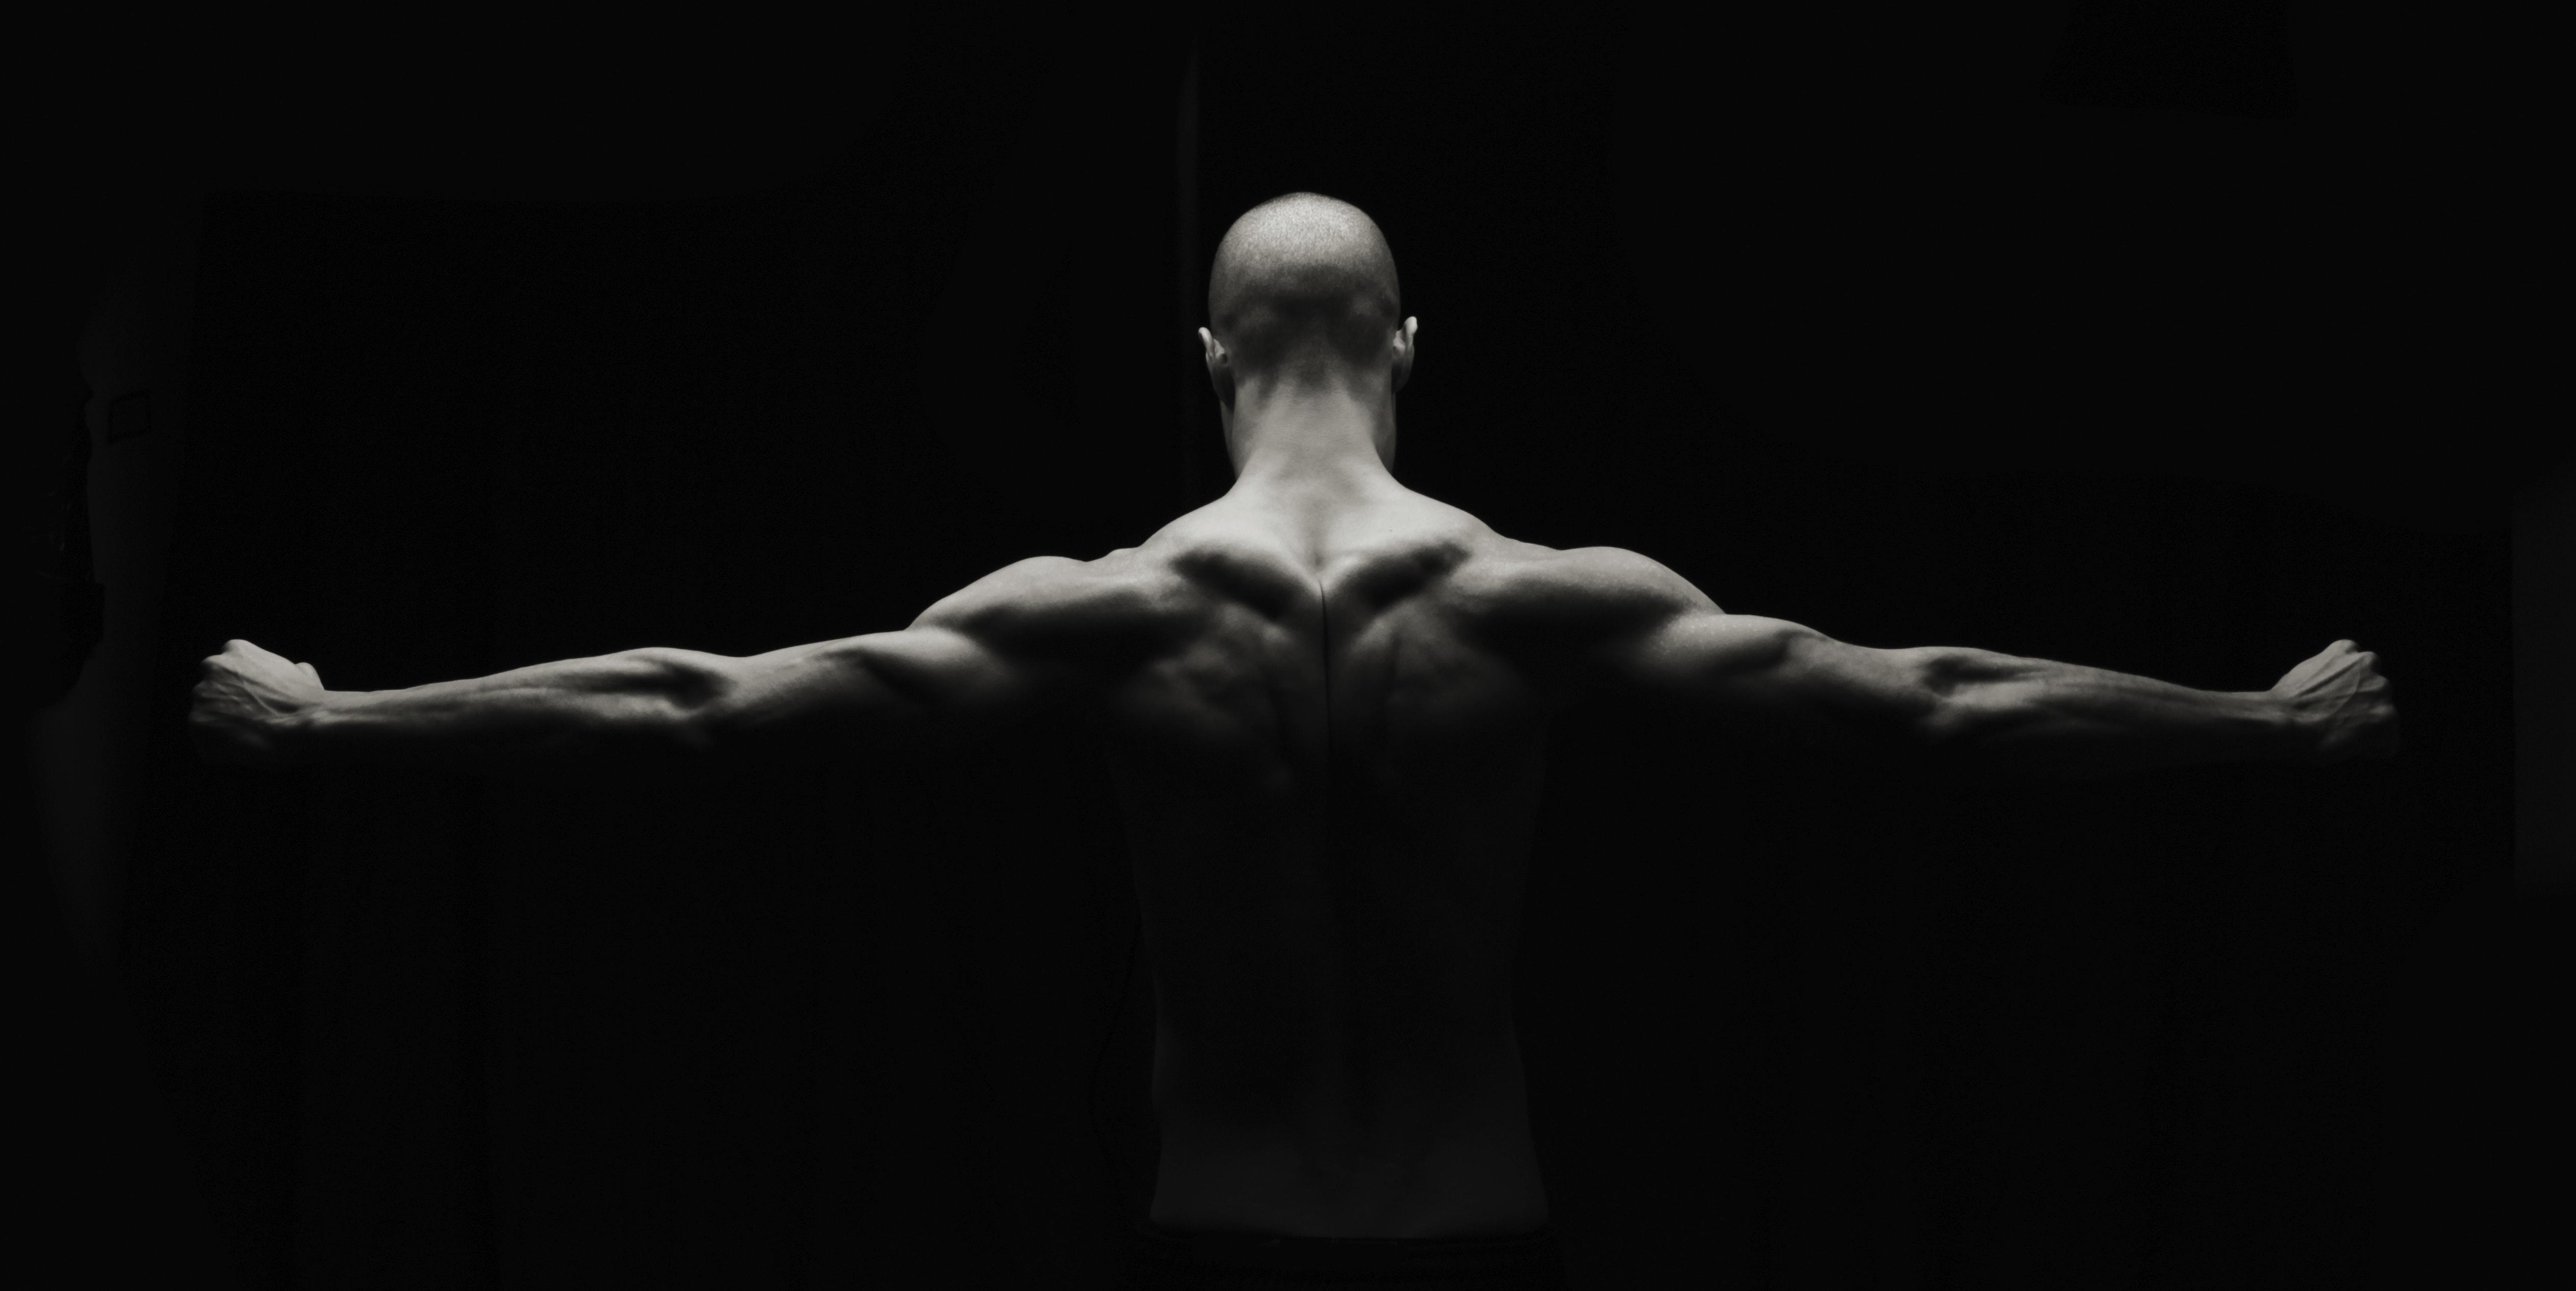 Ganar masa muscular rápidamente y quemar grasa -